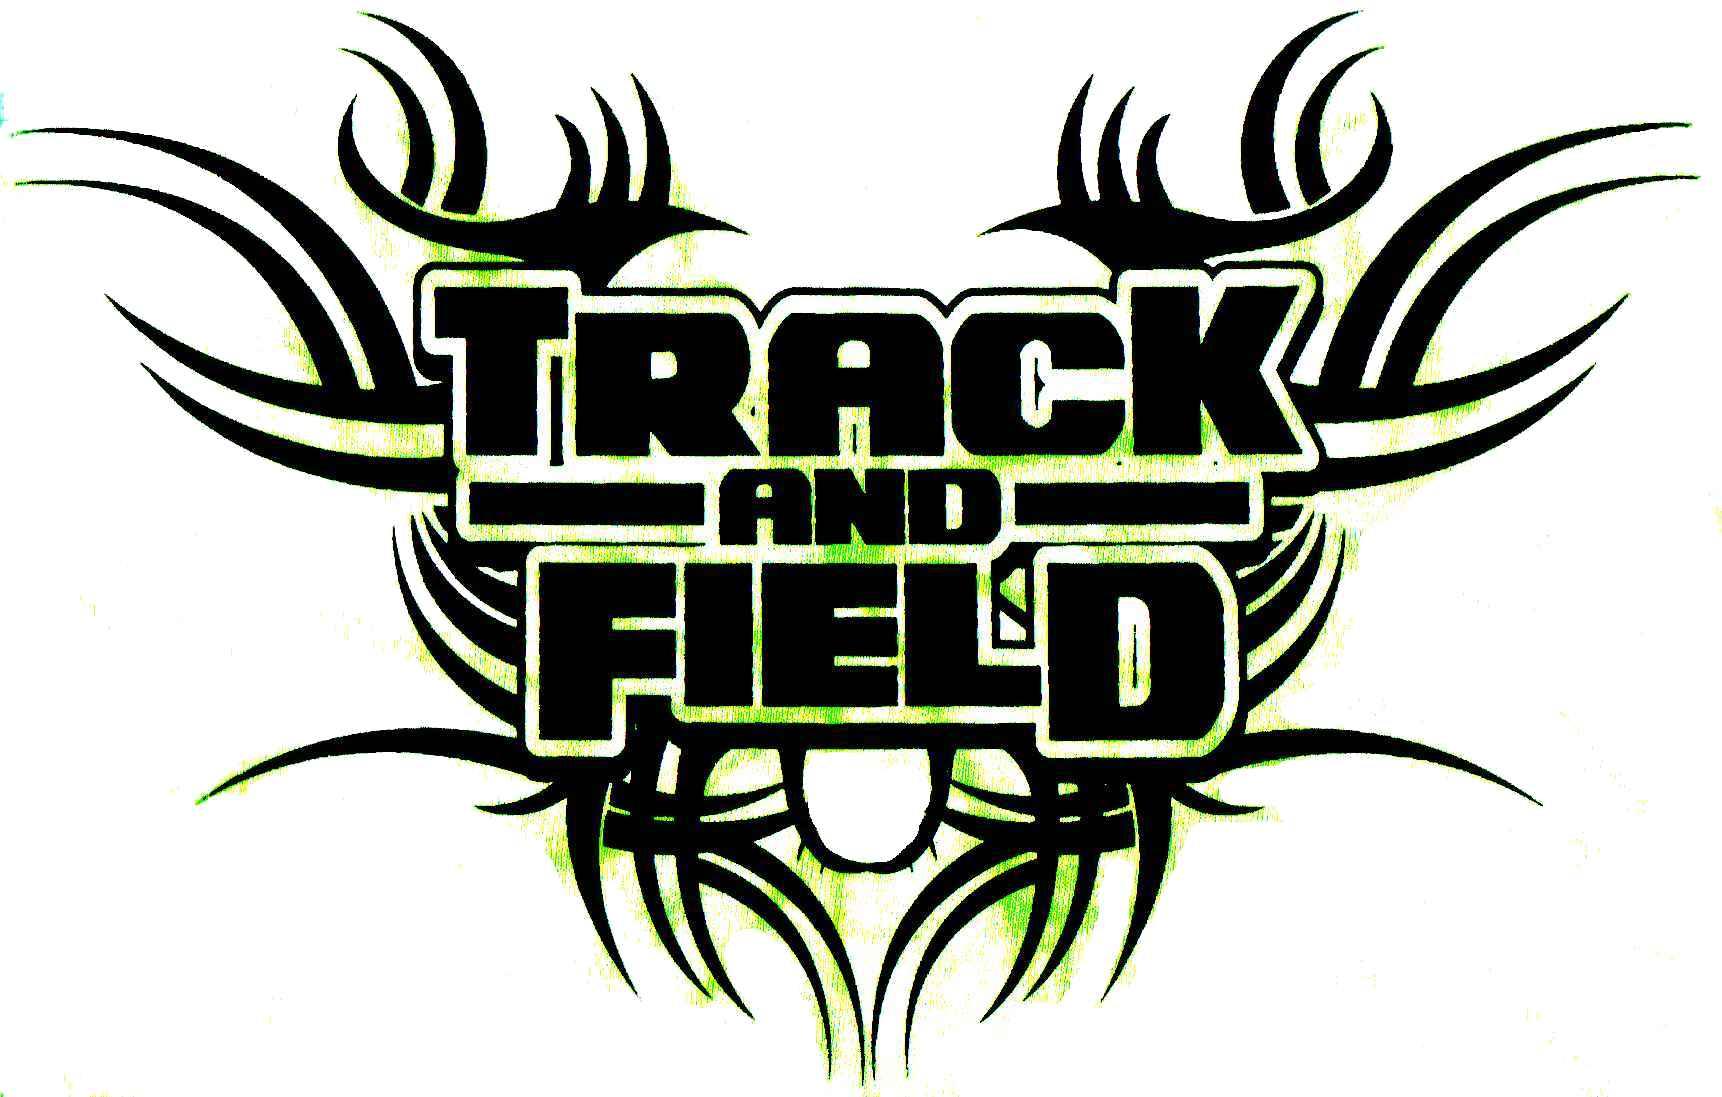 Track Relay Team Quotes. QuotesGram